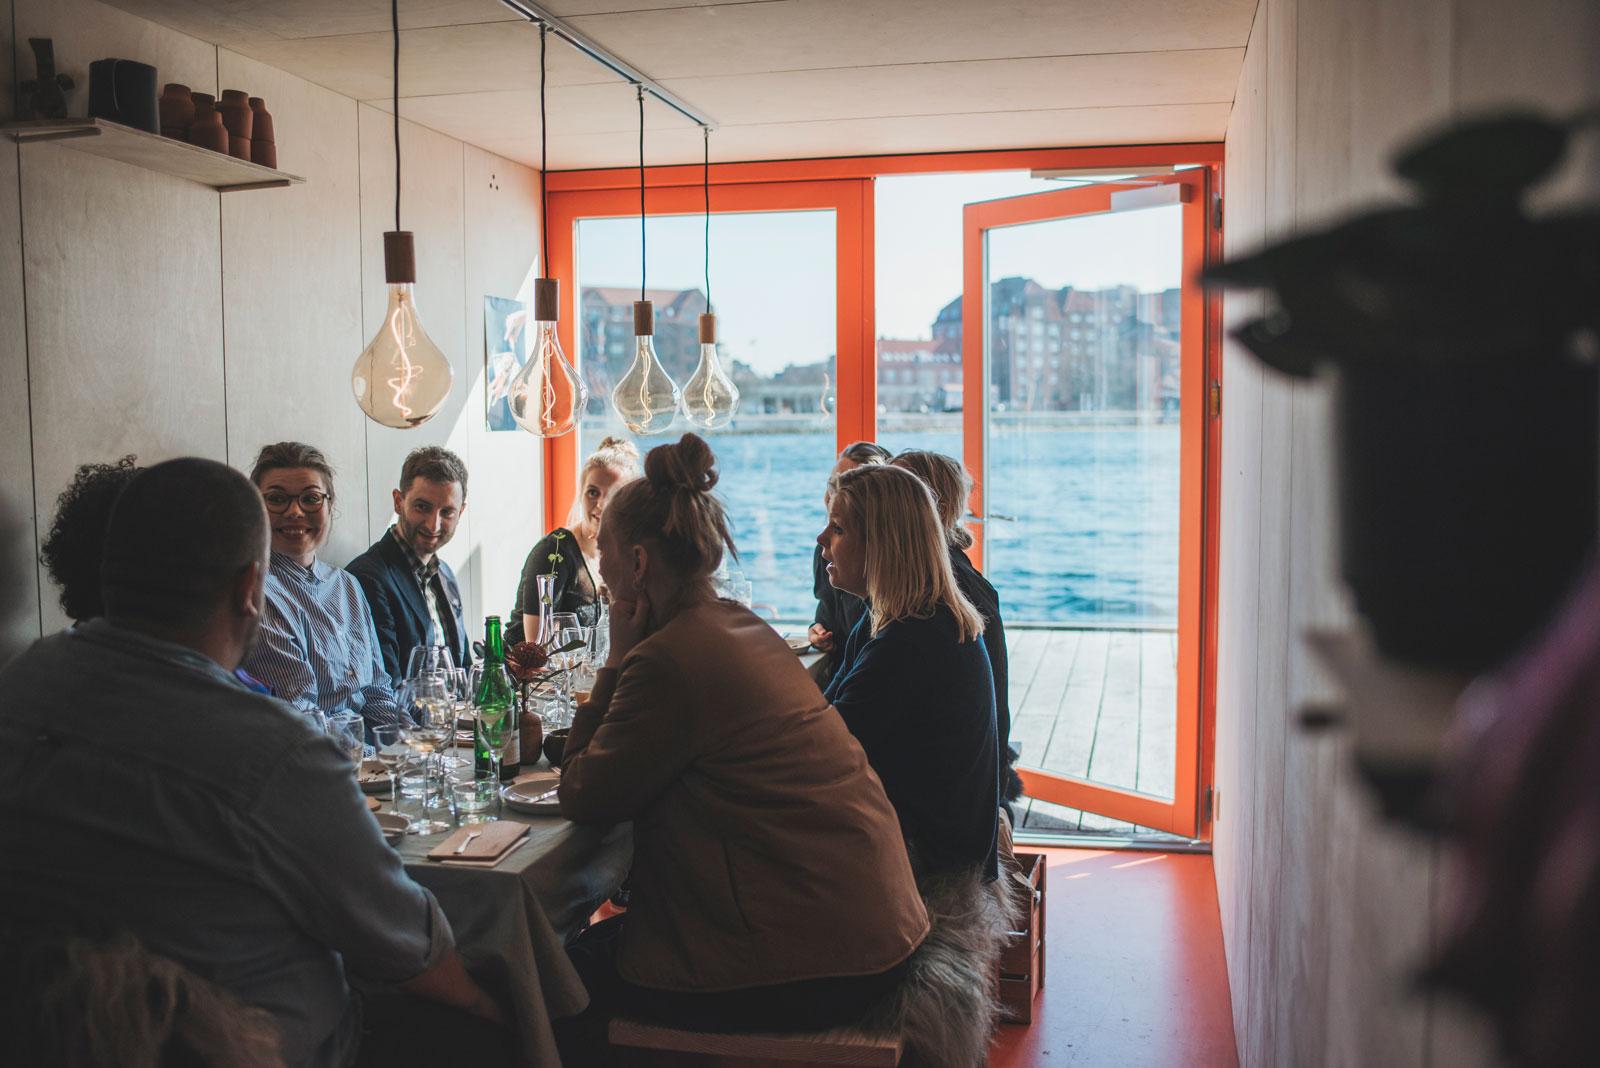 Madland - Danmarks nye madpolitiske festival. Kom med til Madland, hvor du fra 26. august - 25. september kan sanse dig igennem et hav af arrangementer med alt det bedste fra maddanmark. Deltag i debatter. Få nye inputs til madlavningen derhjemme. Gå på opdagelse sammen med landmænd. Mød nogle af landets inspirerende kokke.